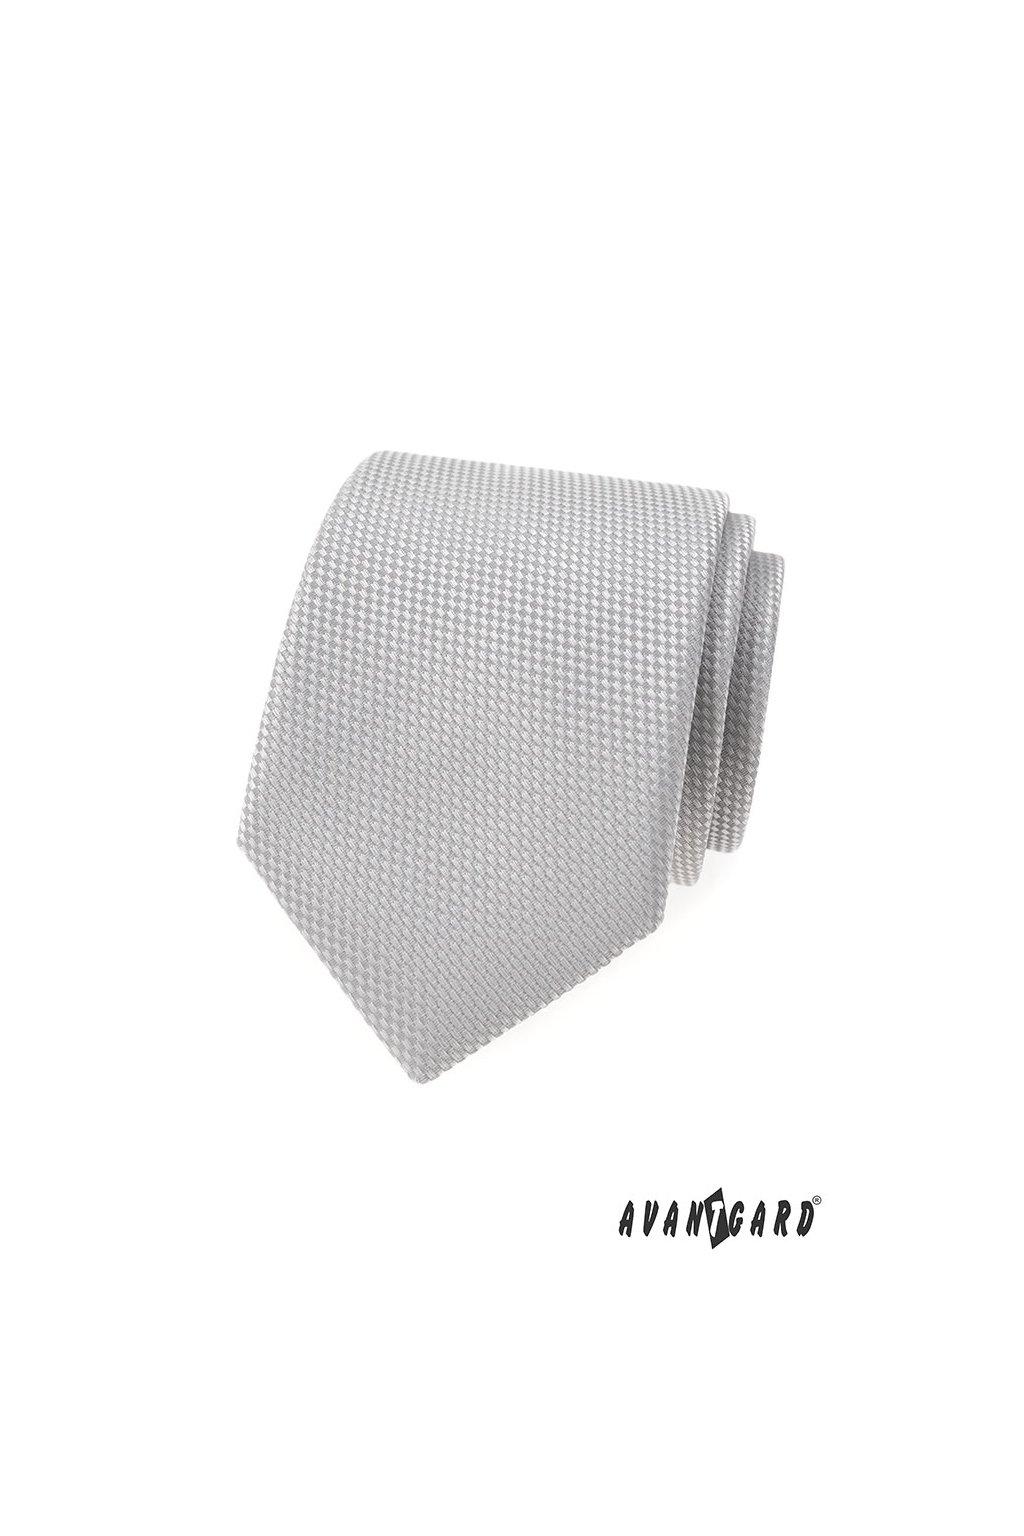 Šedá luxusní kravata s jemným vzorkem 561 - 55000